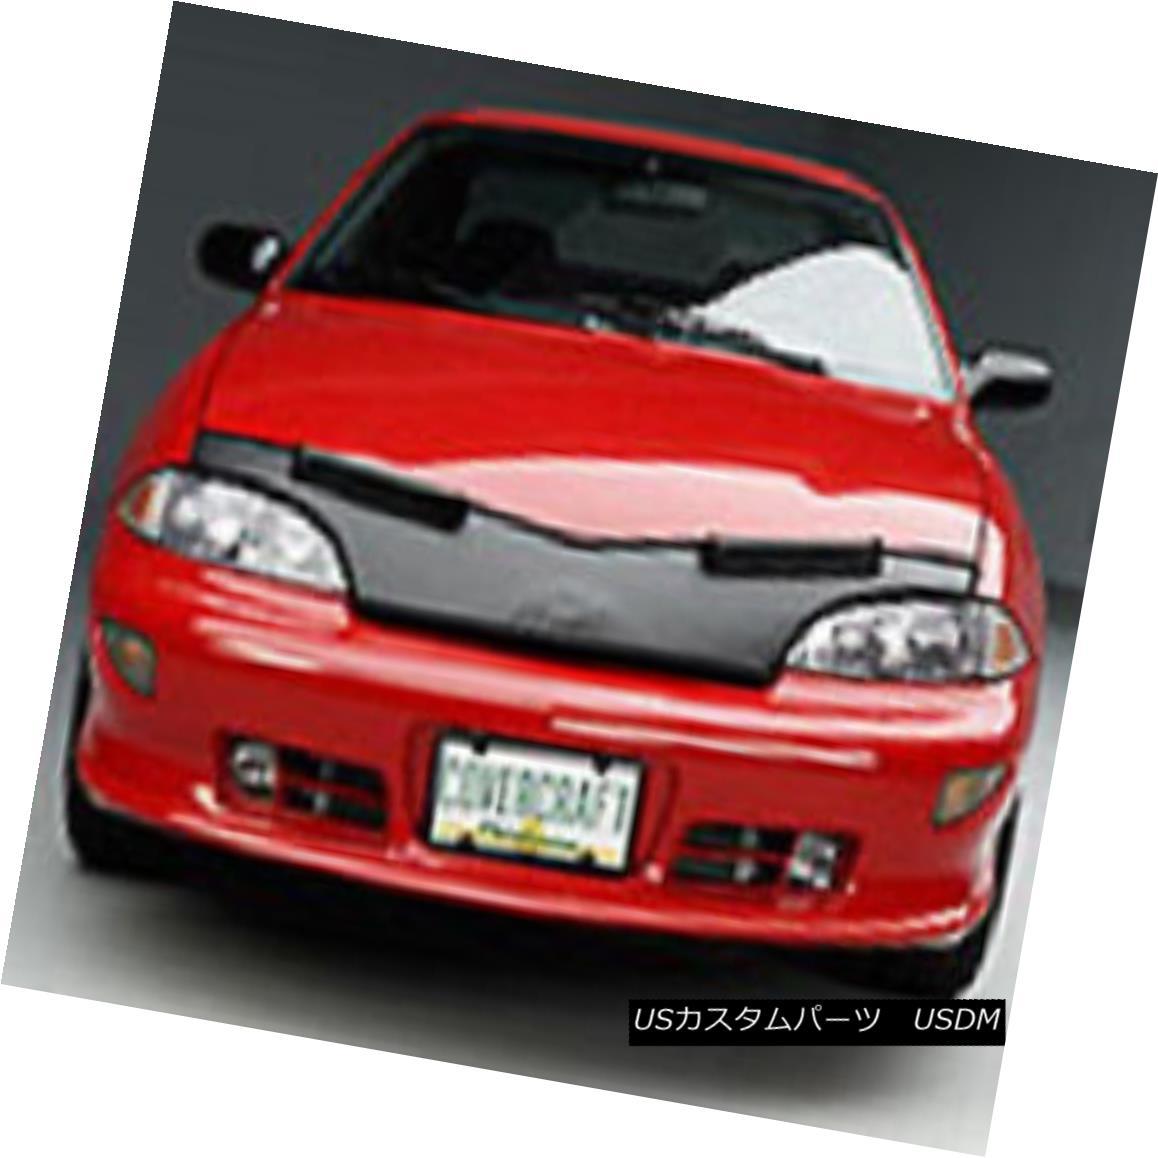 フルブラ ノーズブラ Mini Mask Bra Hood cover Fits Nissan Maxima 2000 thru 2003 ミニマスクブラジャーフードカバーは2000年から2003年の日産マキシマフィット